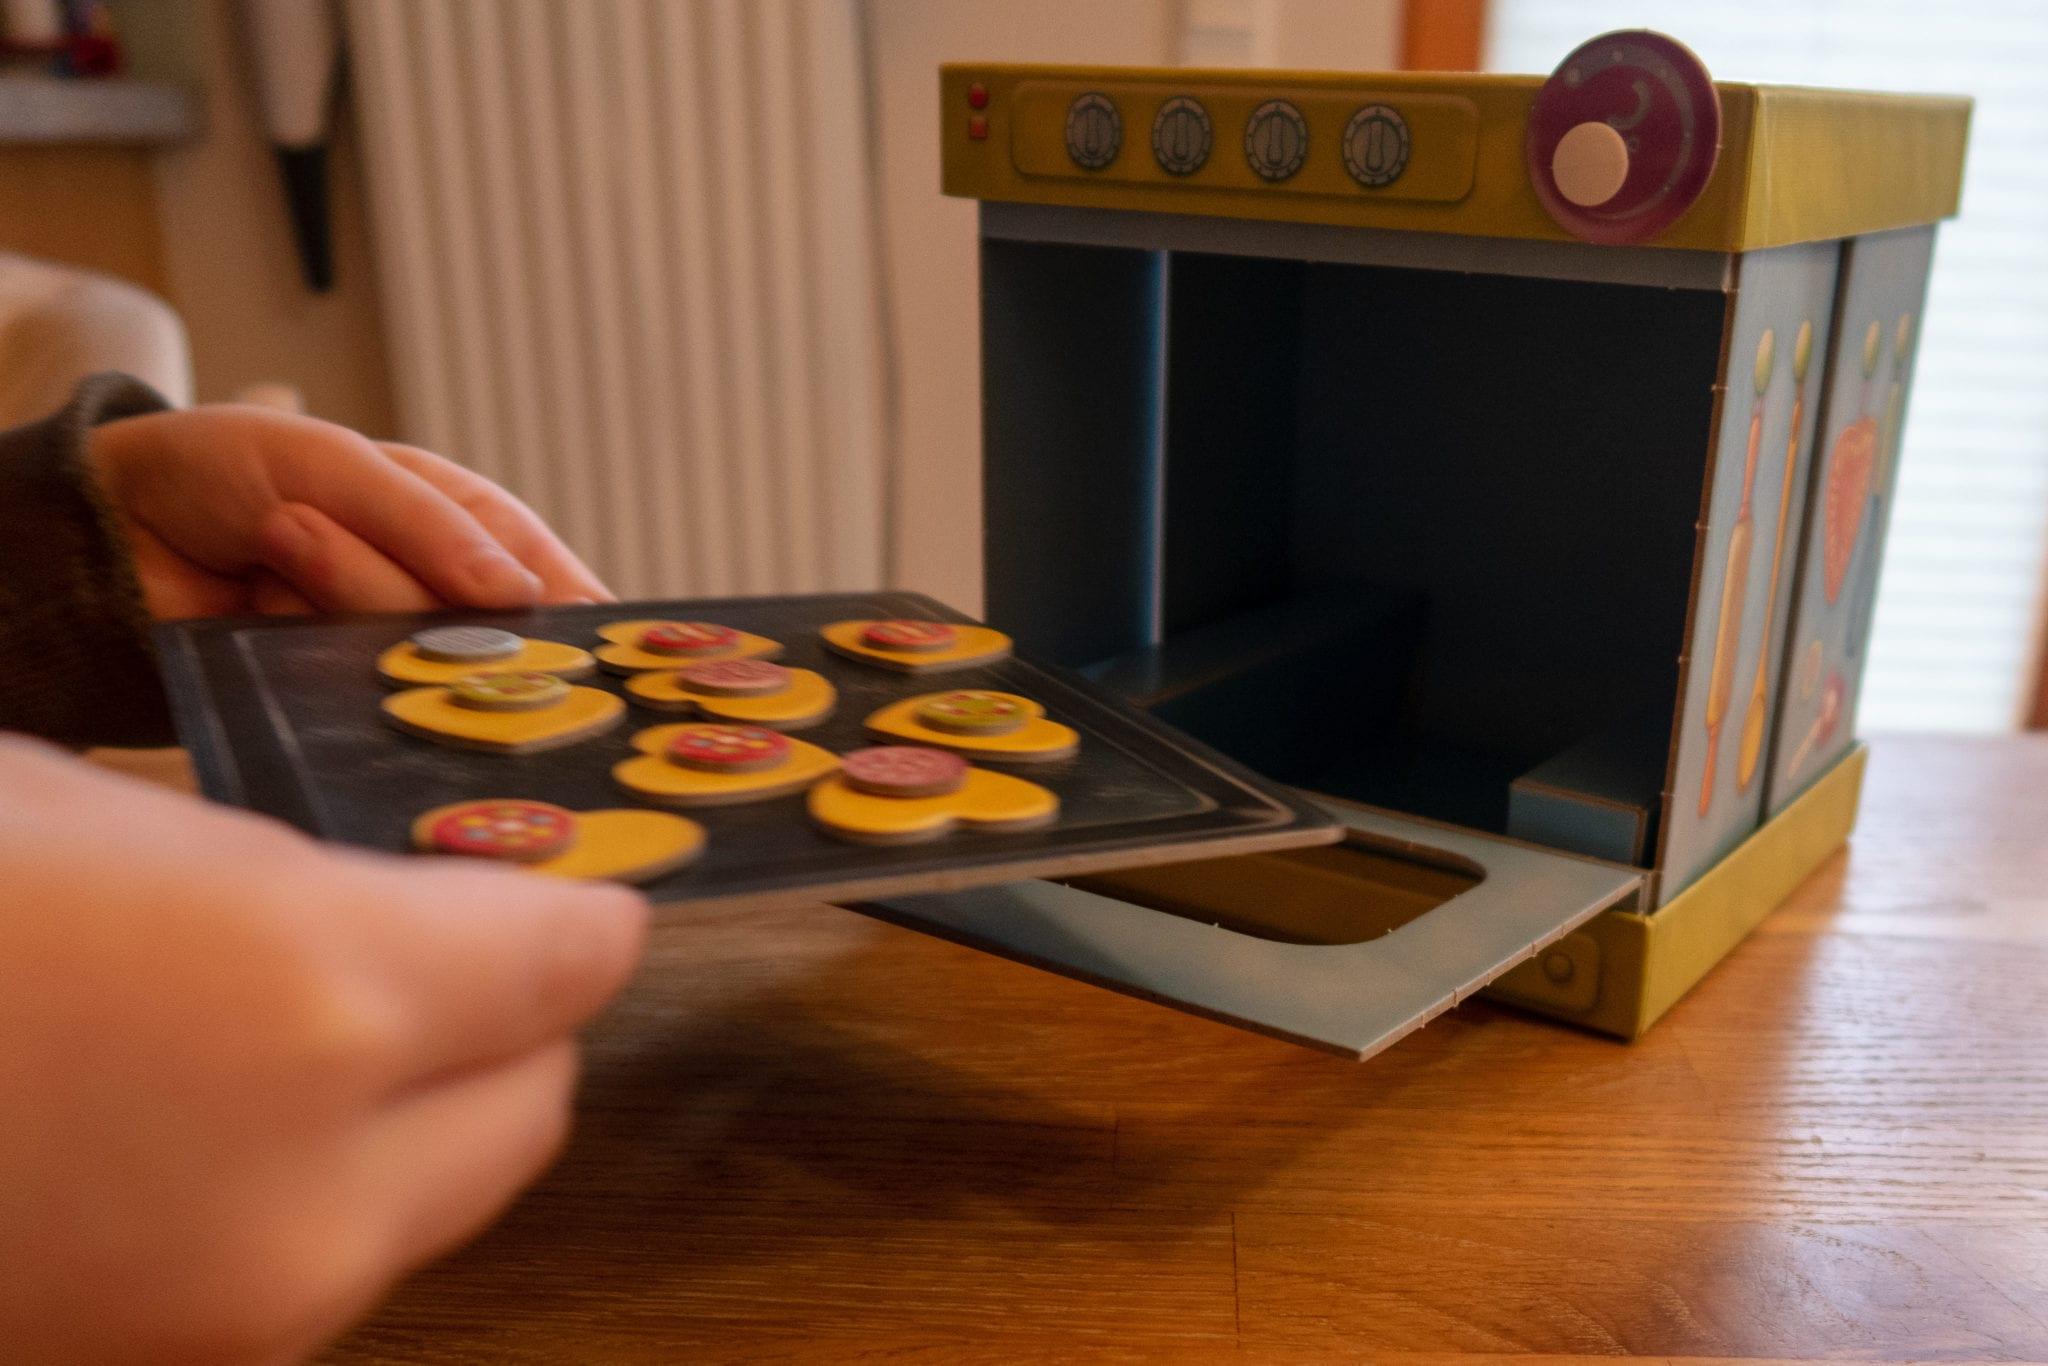 Huch Cookies Spiel #hucheinkeks | familiert.de